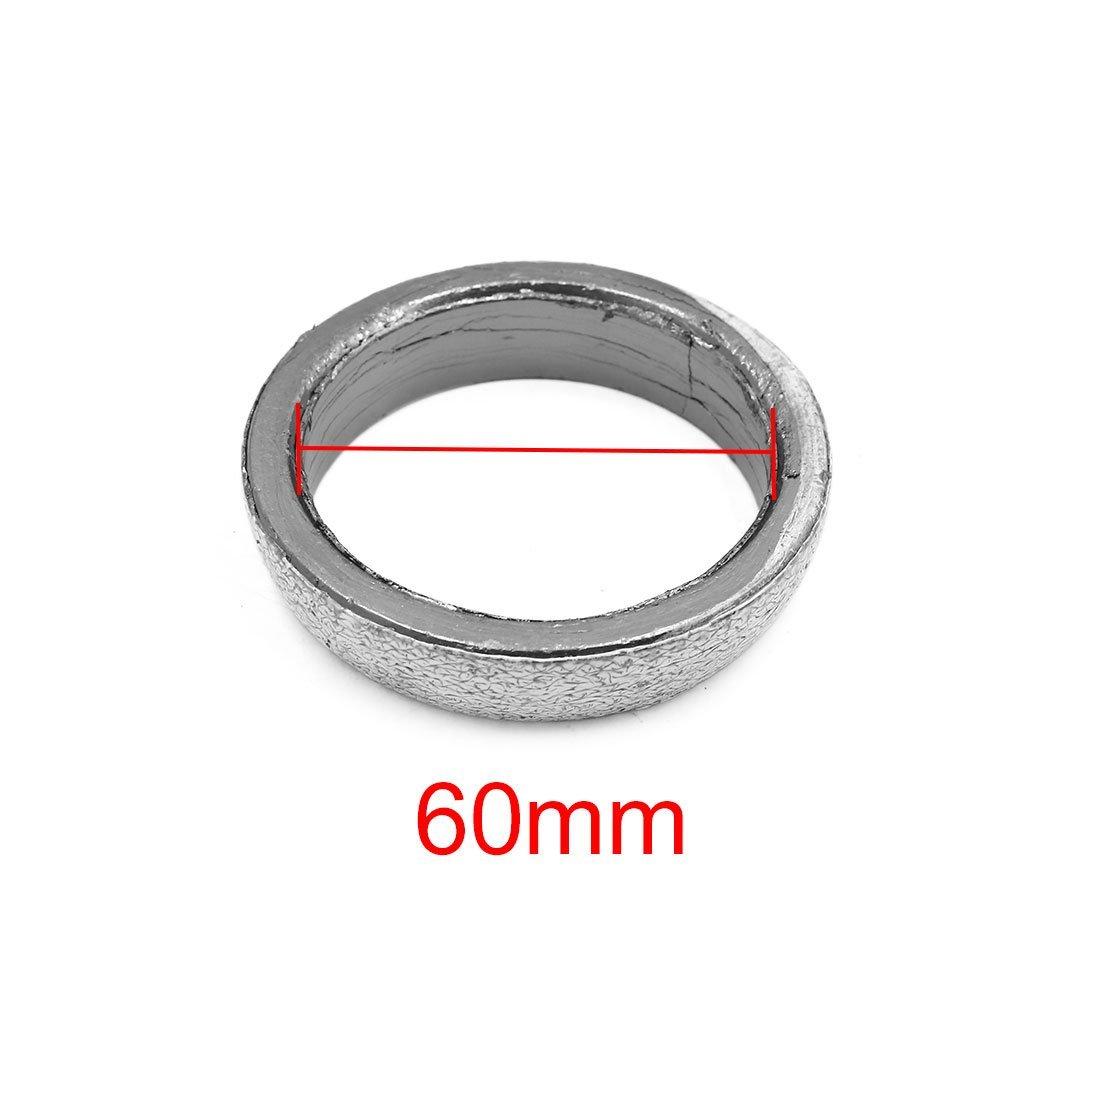 2PCS 60mm Interne Dia Auto /échappement essai Tuyau collecteur Tuyeau Donut Joint